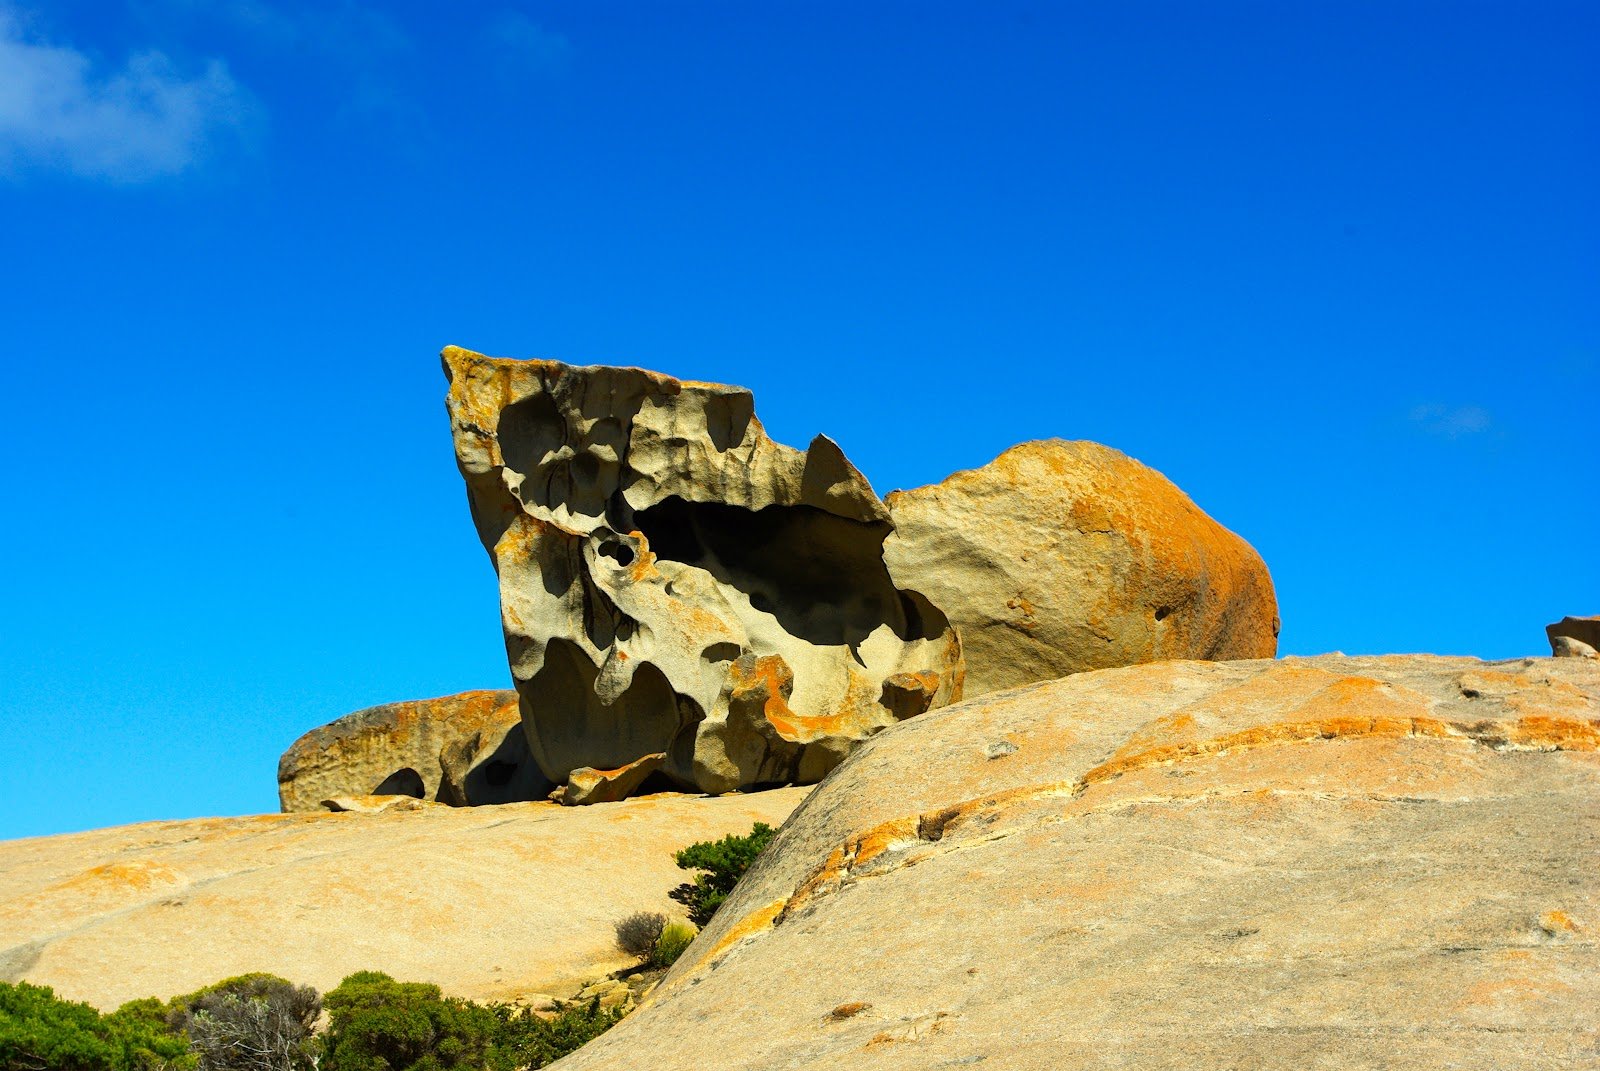 Tomtom nana en australie kangaroo island for Portent tomtom